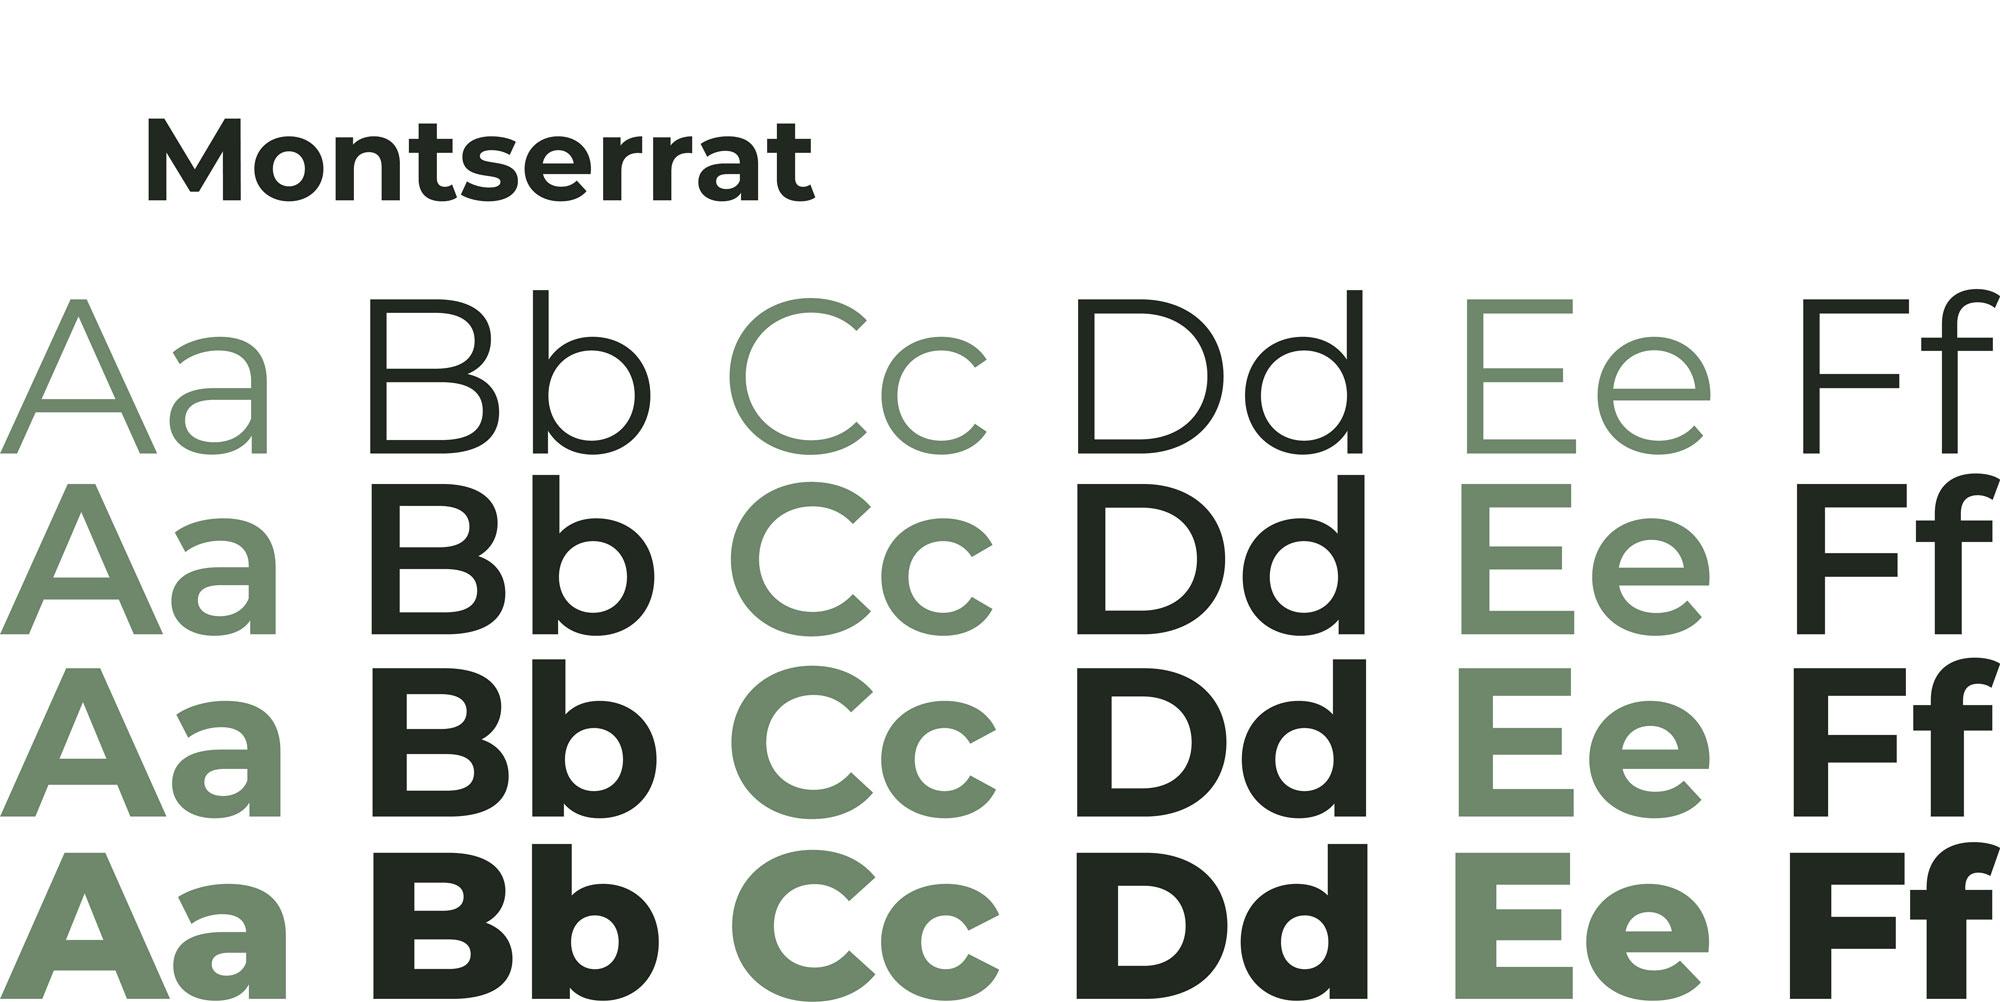 Illustrazione verde chiaro che descrive il carattere tipografico montserrat utilizzato per la brand identity di canottieri outdoor su sfondo bianco